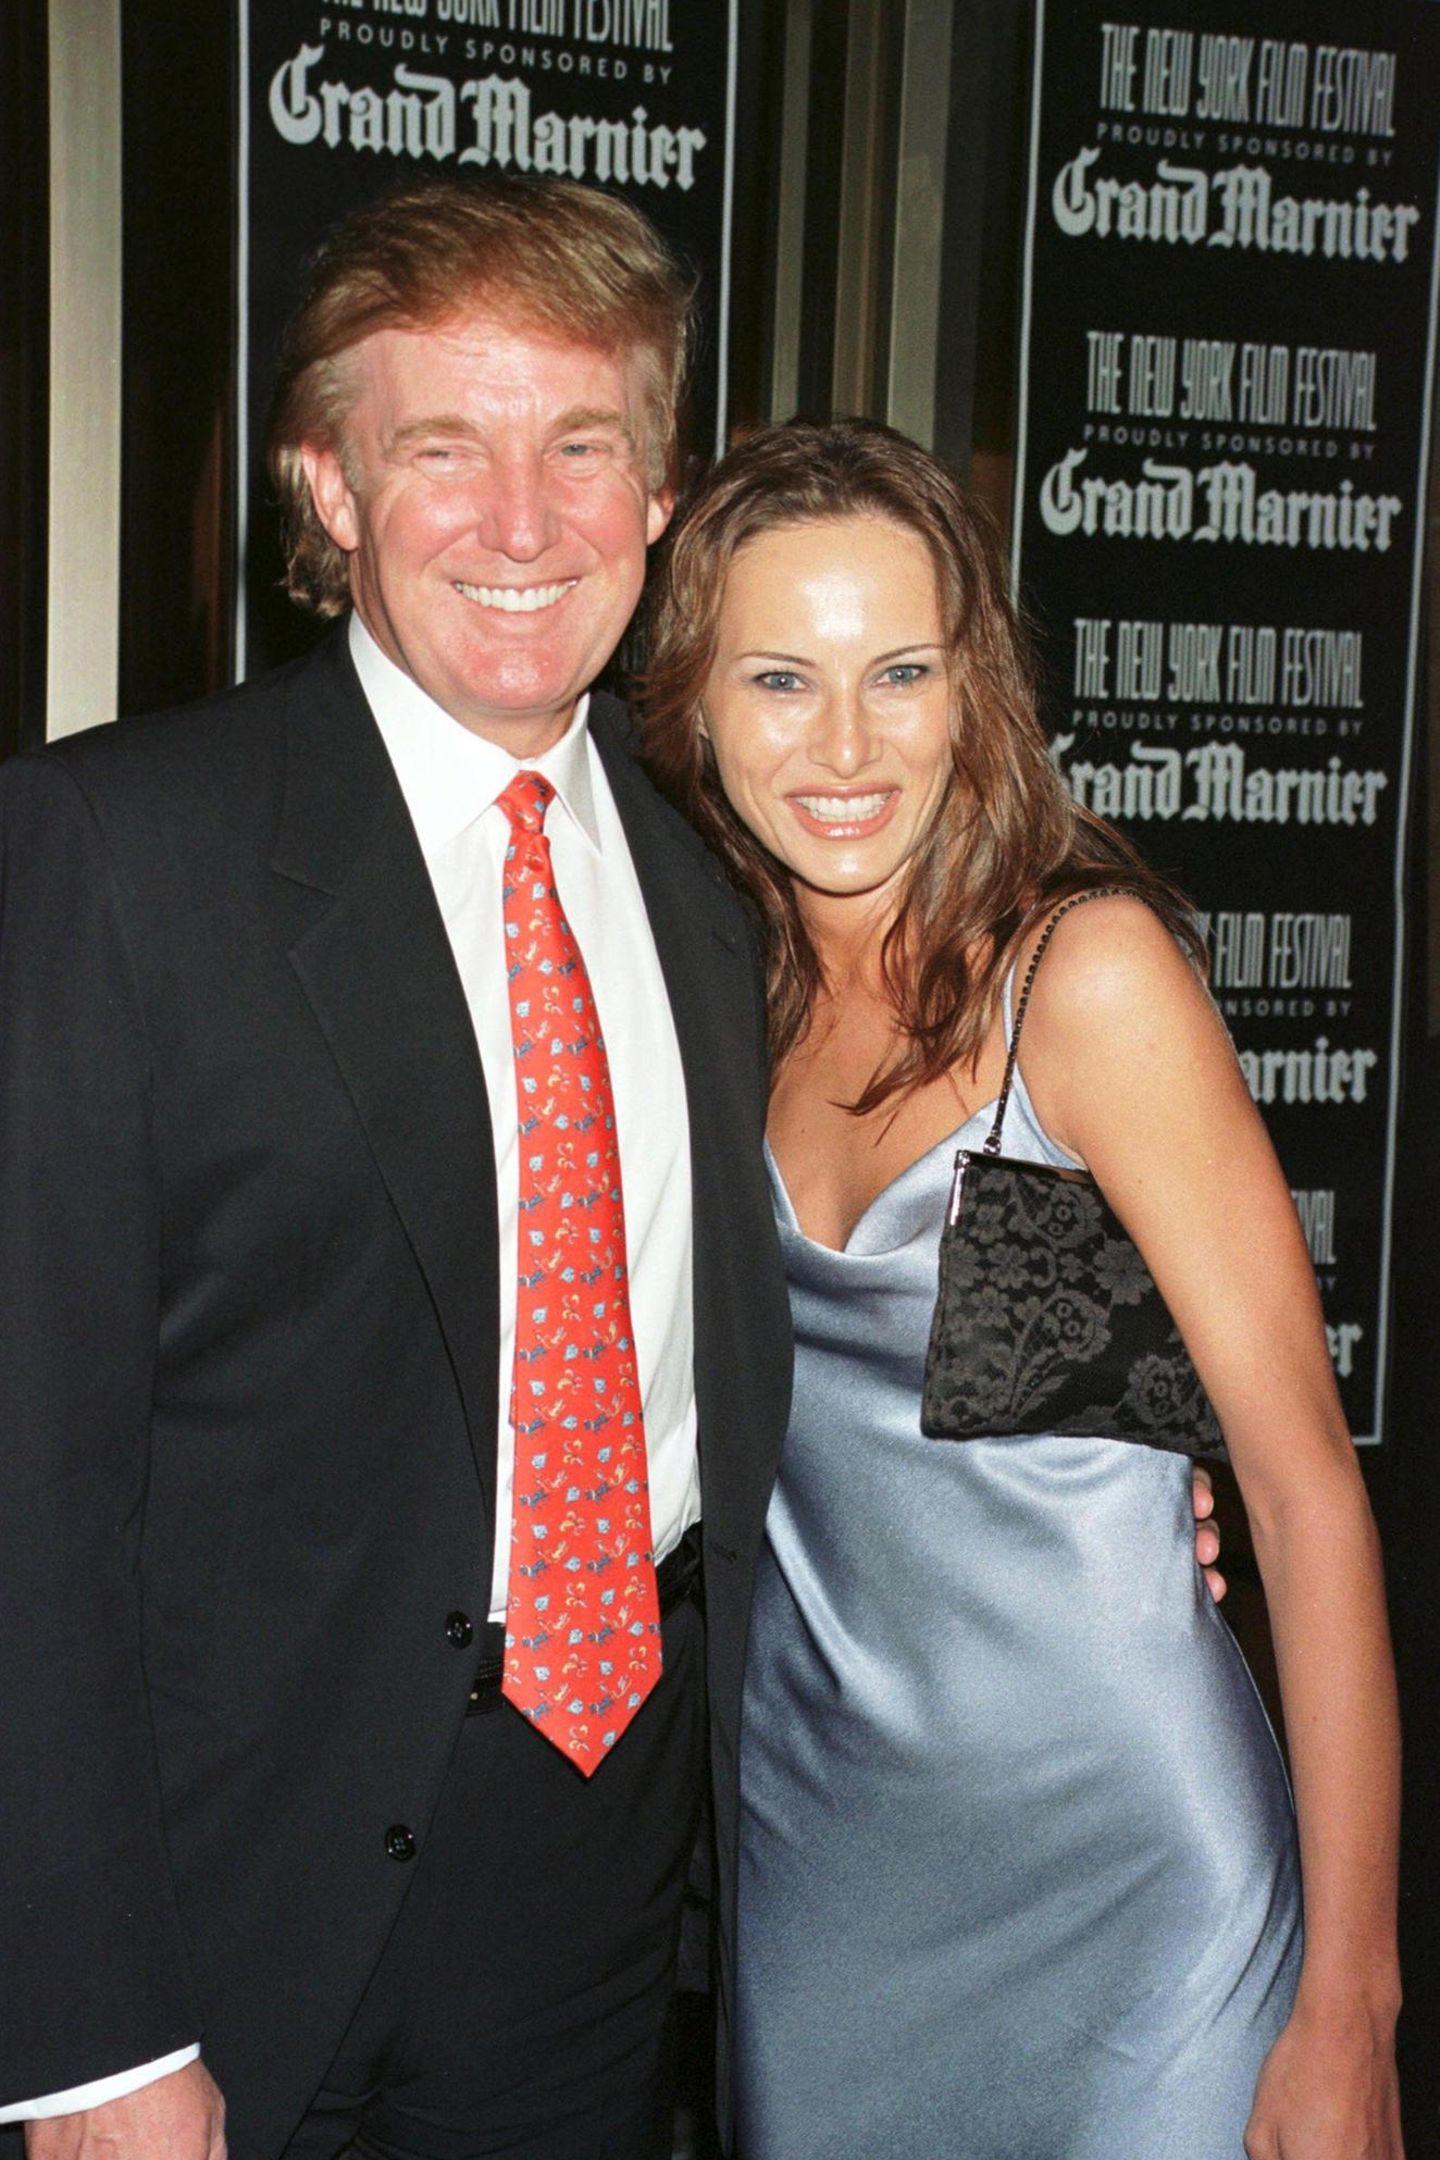 Eine neue Frau an Donalds Seite: Während des New Yorker Filmfestivals im Jahre 1998 zeigt sich der spätere US-Präsident frischverliebt mit seiner Freundin Melania.